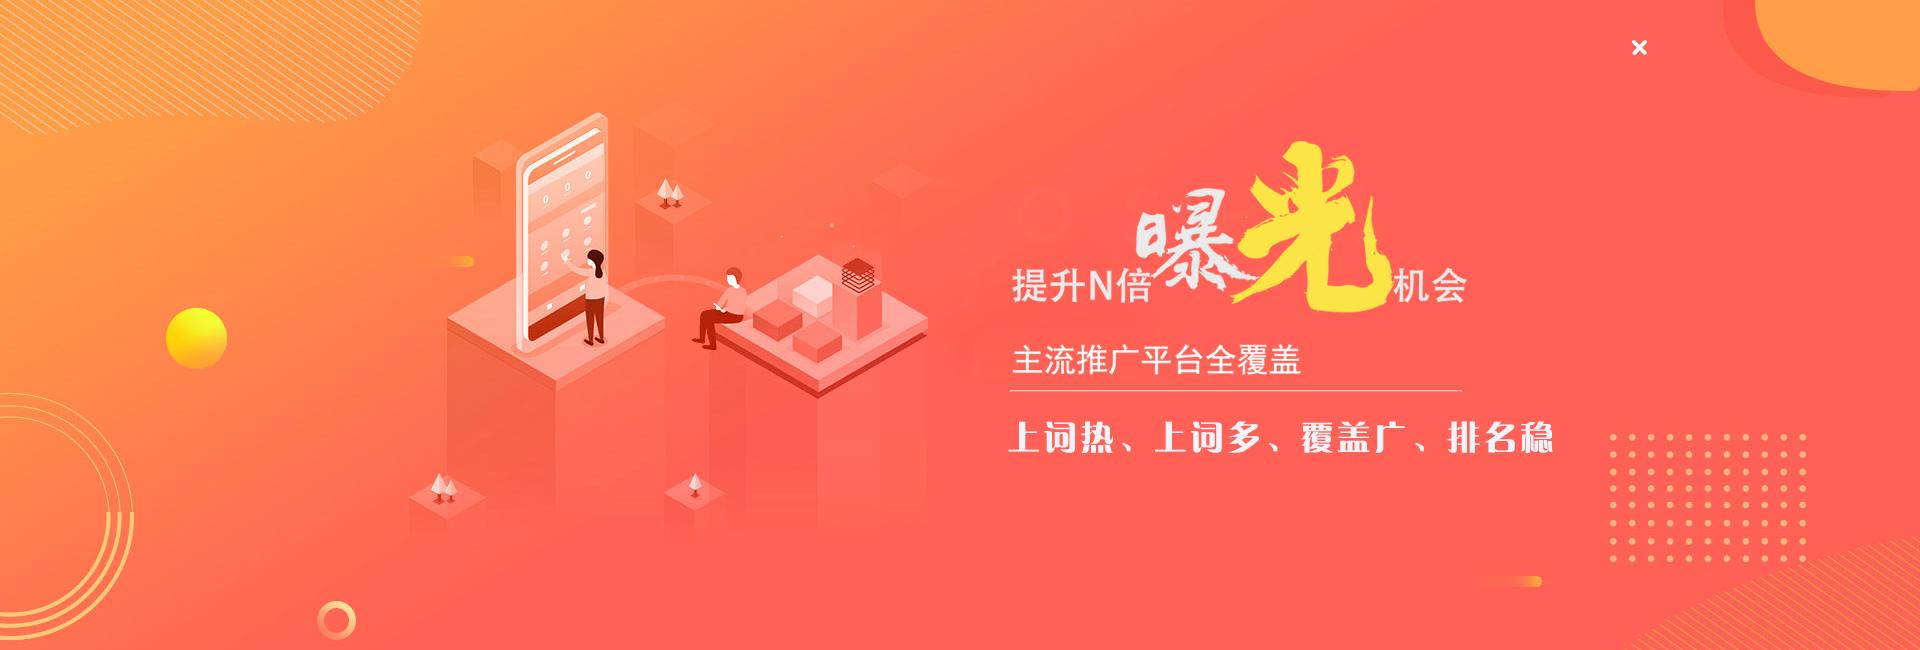 西咸新区网站建设